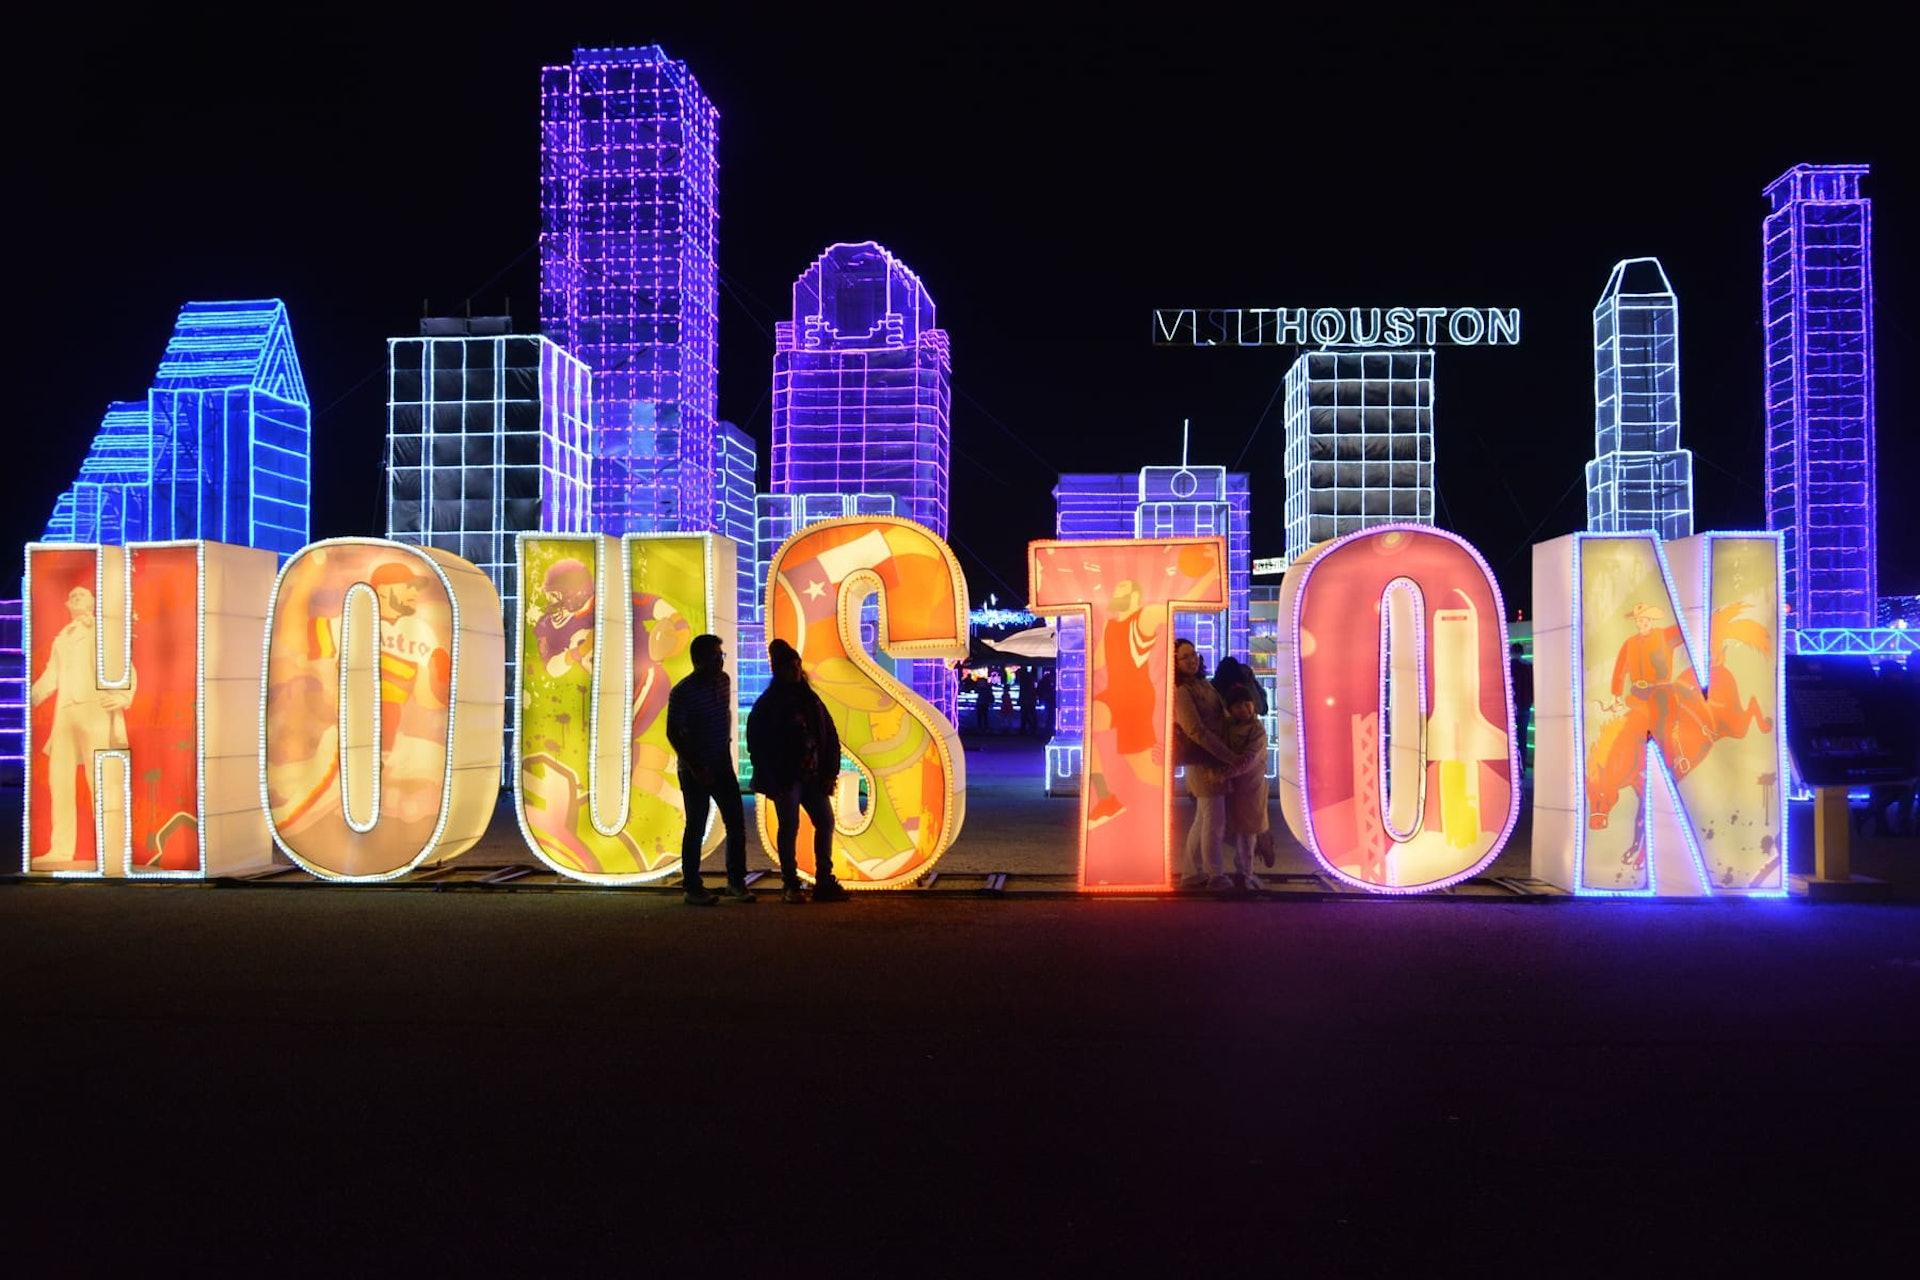 Light up Houston sculpture in Houston, Texas